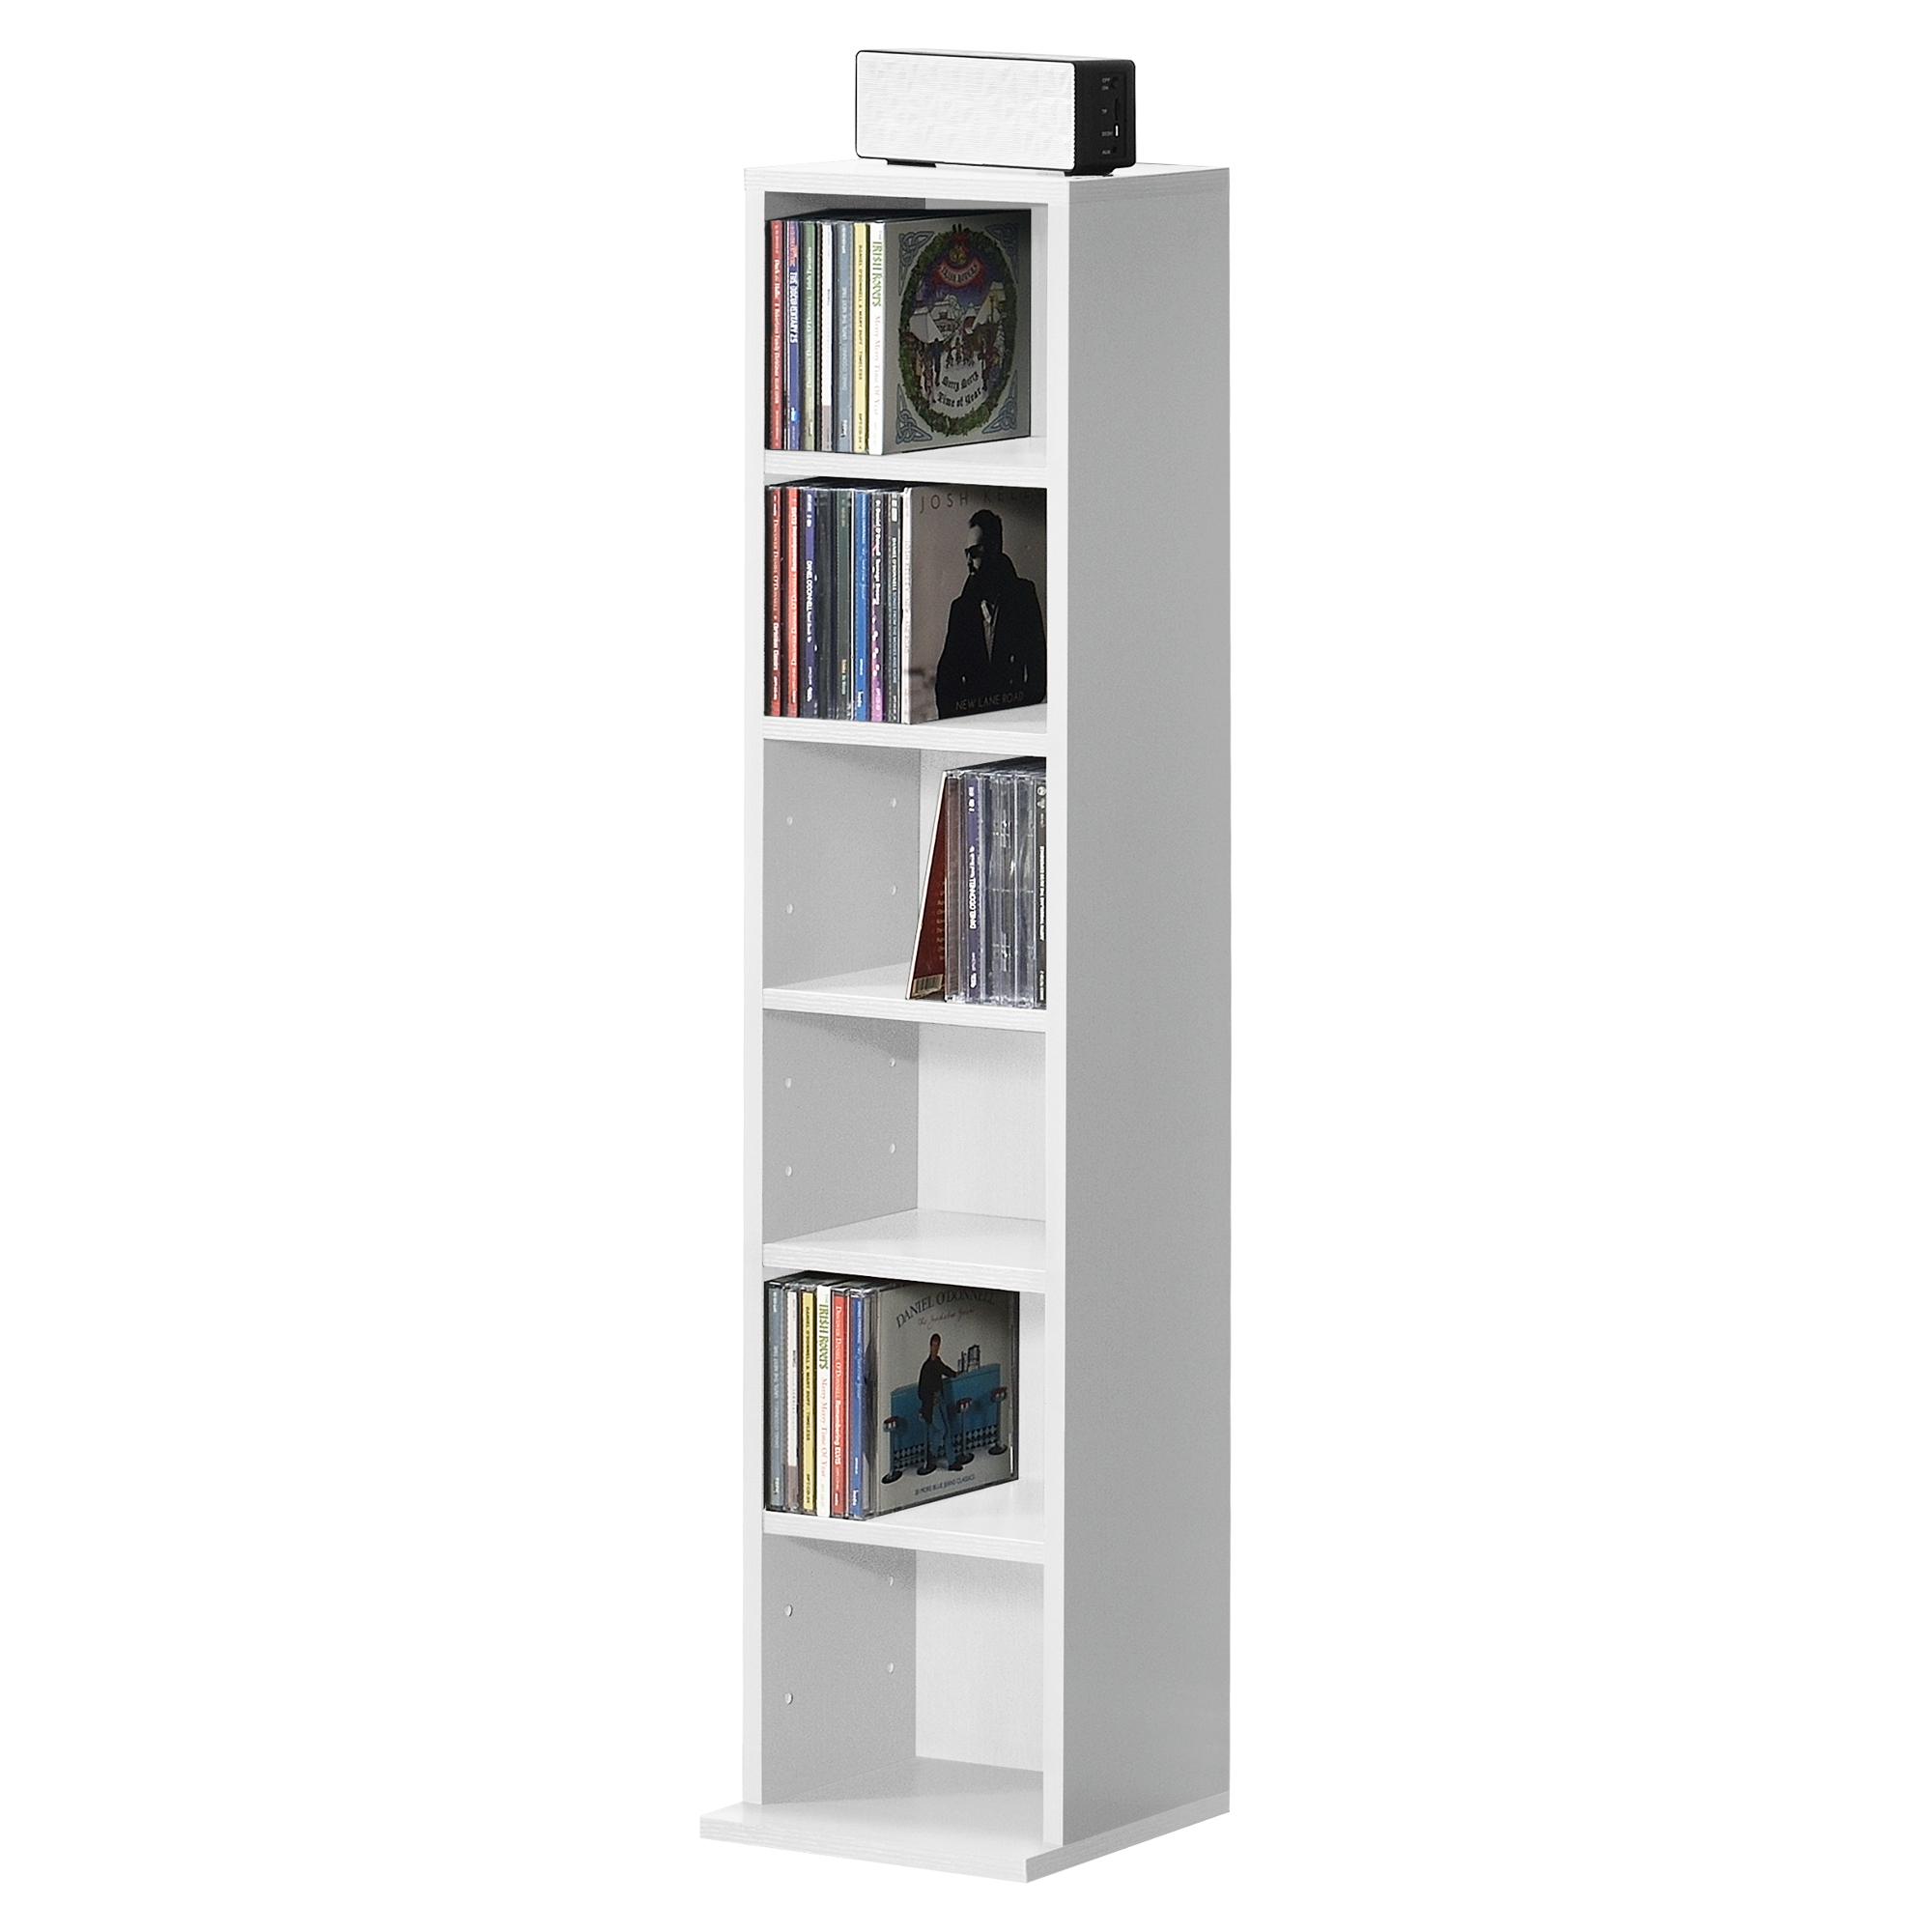 Details zu en.casa Bücherregal CD Regal Standregal Regal Aufbewahrung 6  Fächer Weiß